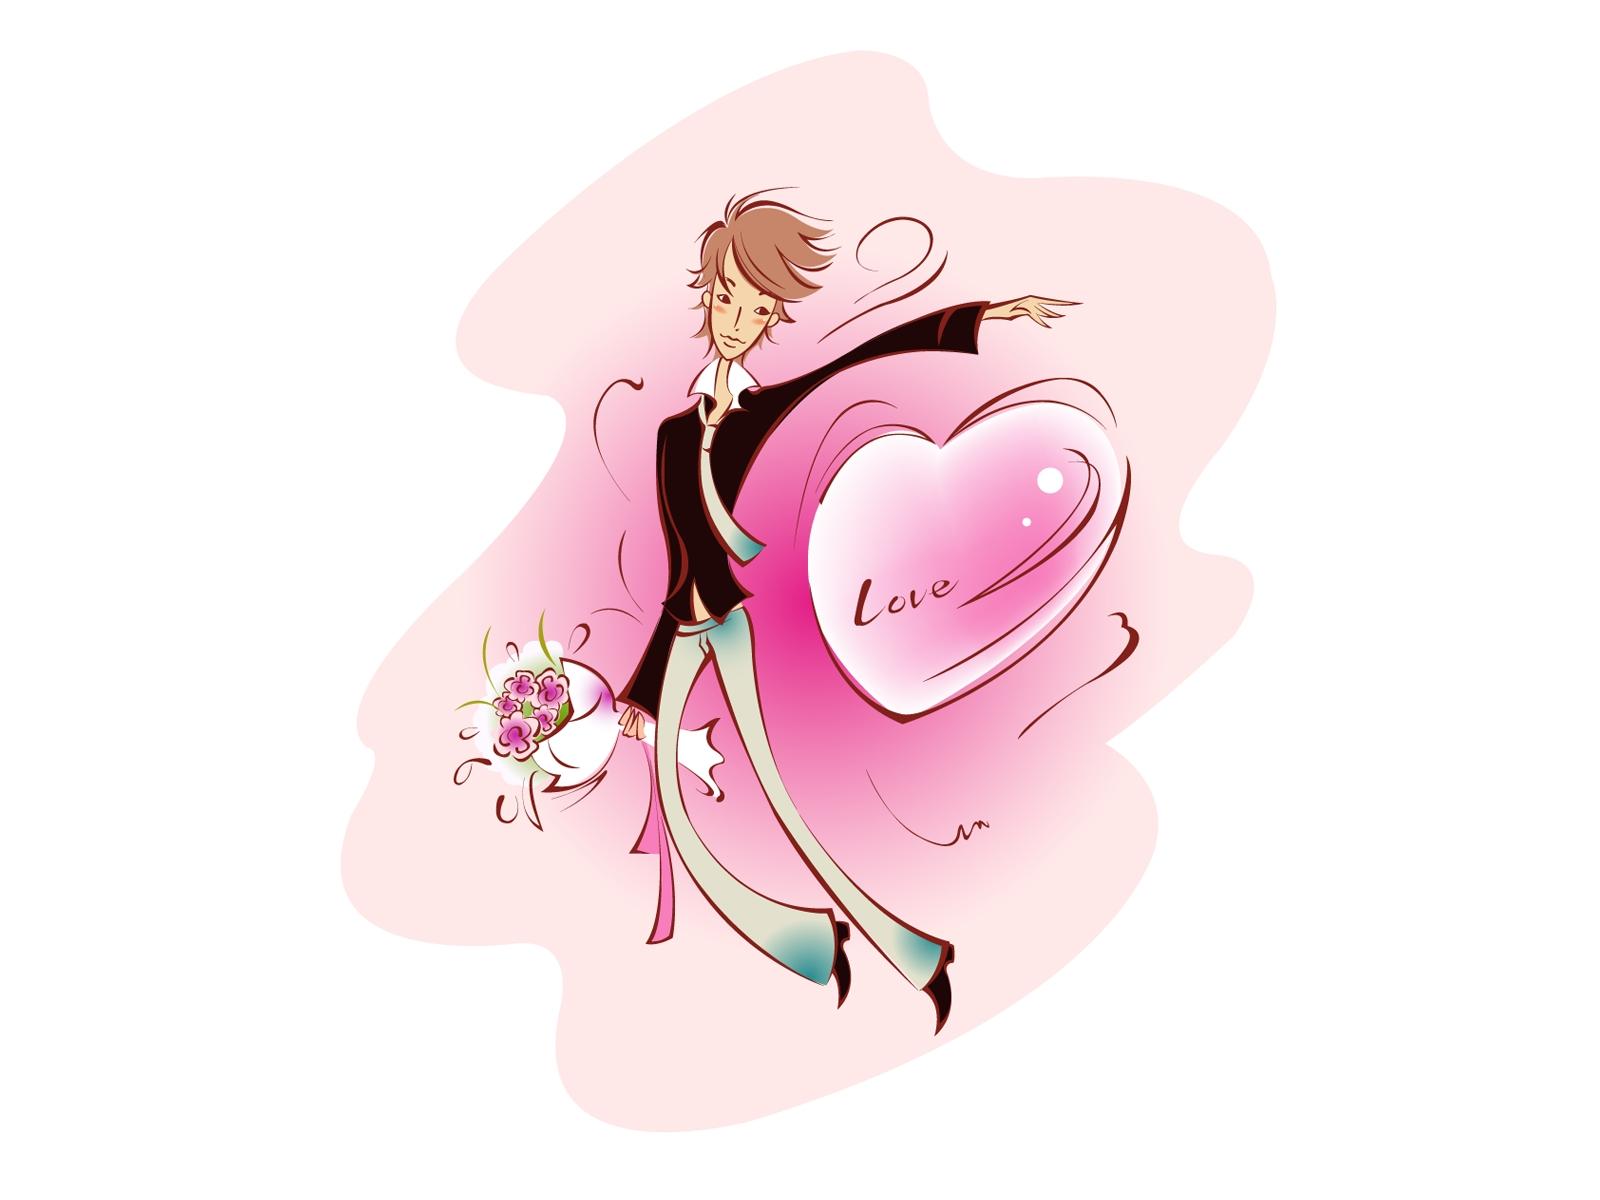 Fond D écran Illustration Amour Cœur Dessin Animé Nez